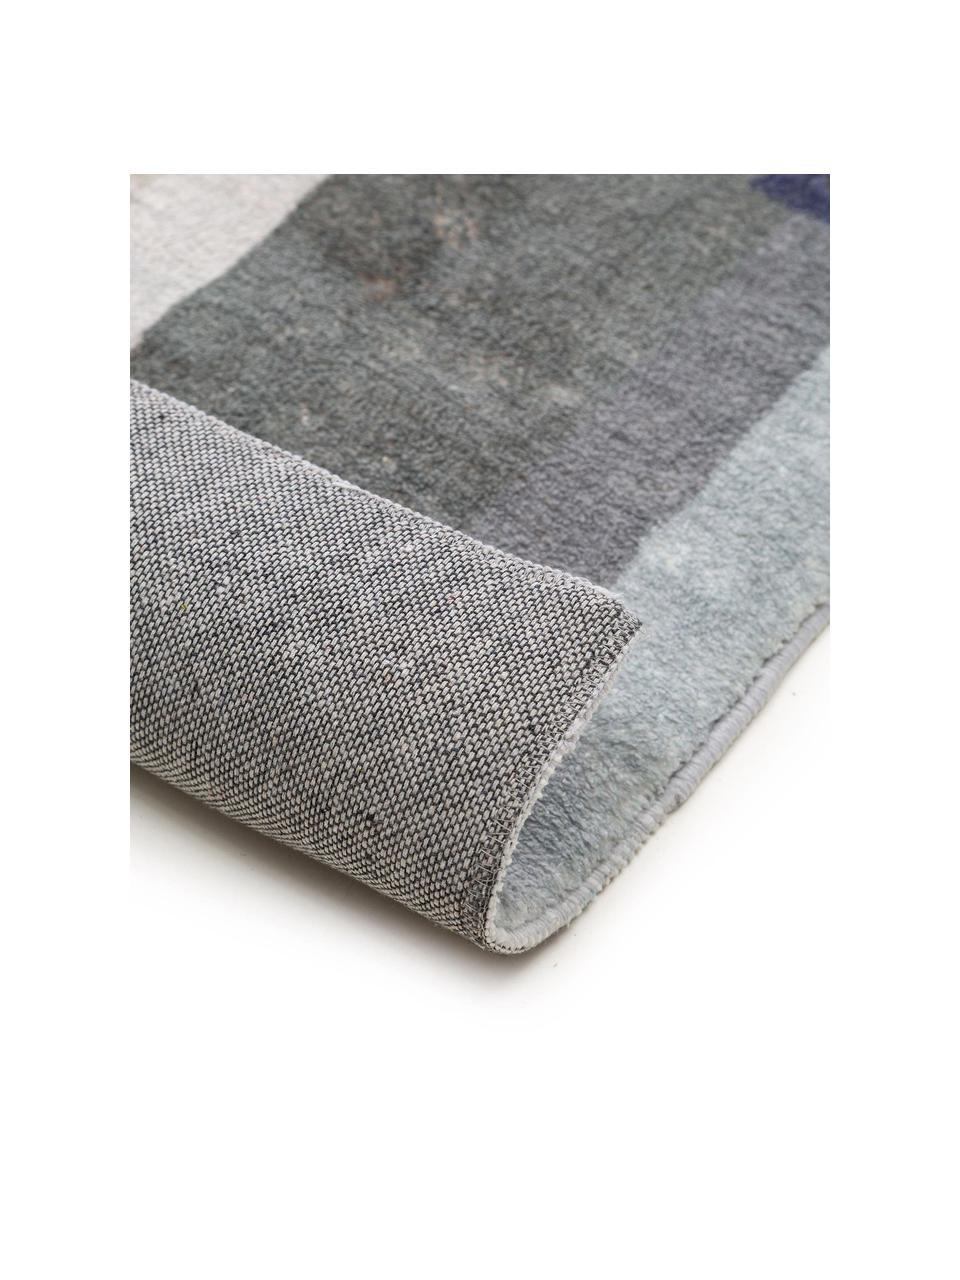 Gemusterter Teppich Mara in Blautönen, 100% Polyester, Blau, Mehrfarbig, B 160 x L 230 cm (Größe M)